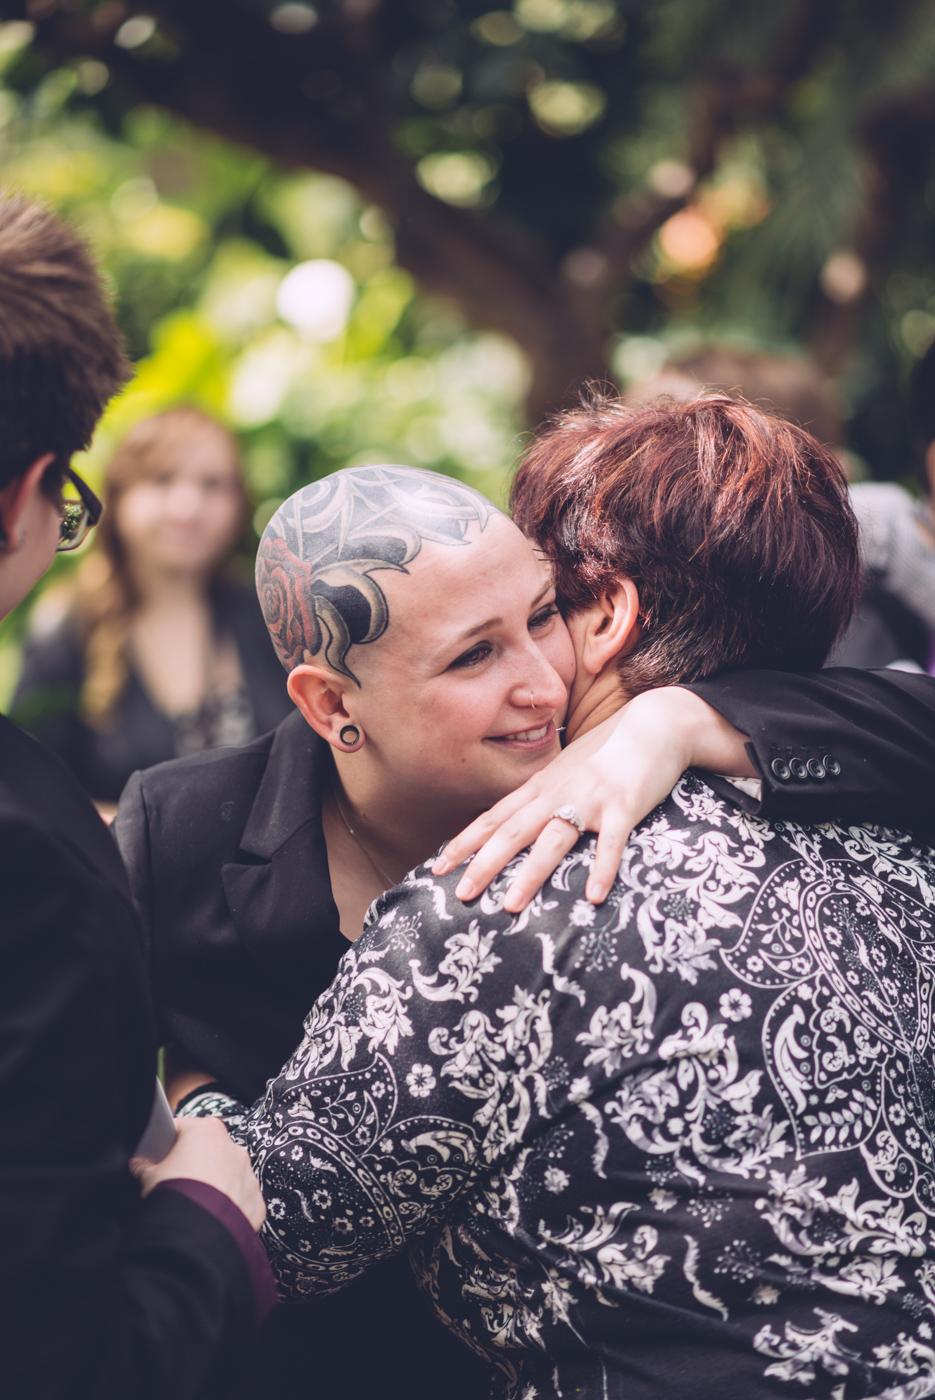 marilynn_robbi_wedding_blog42.jpg